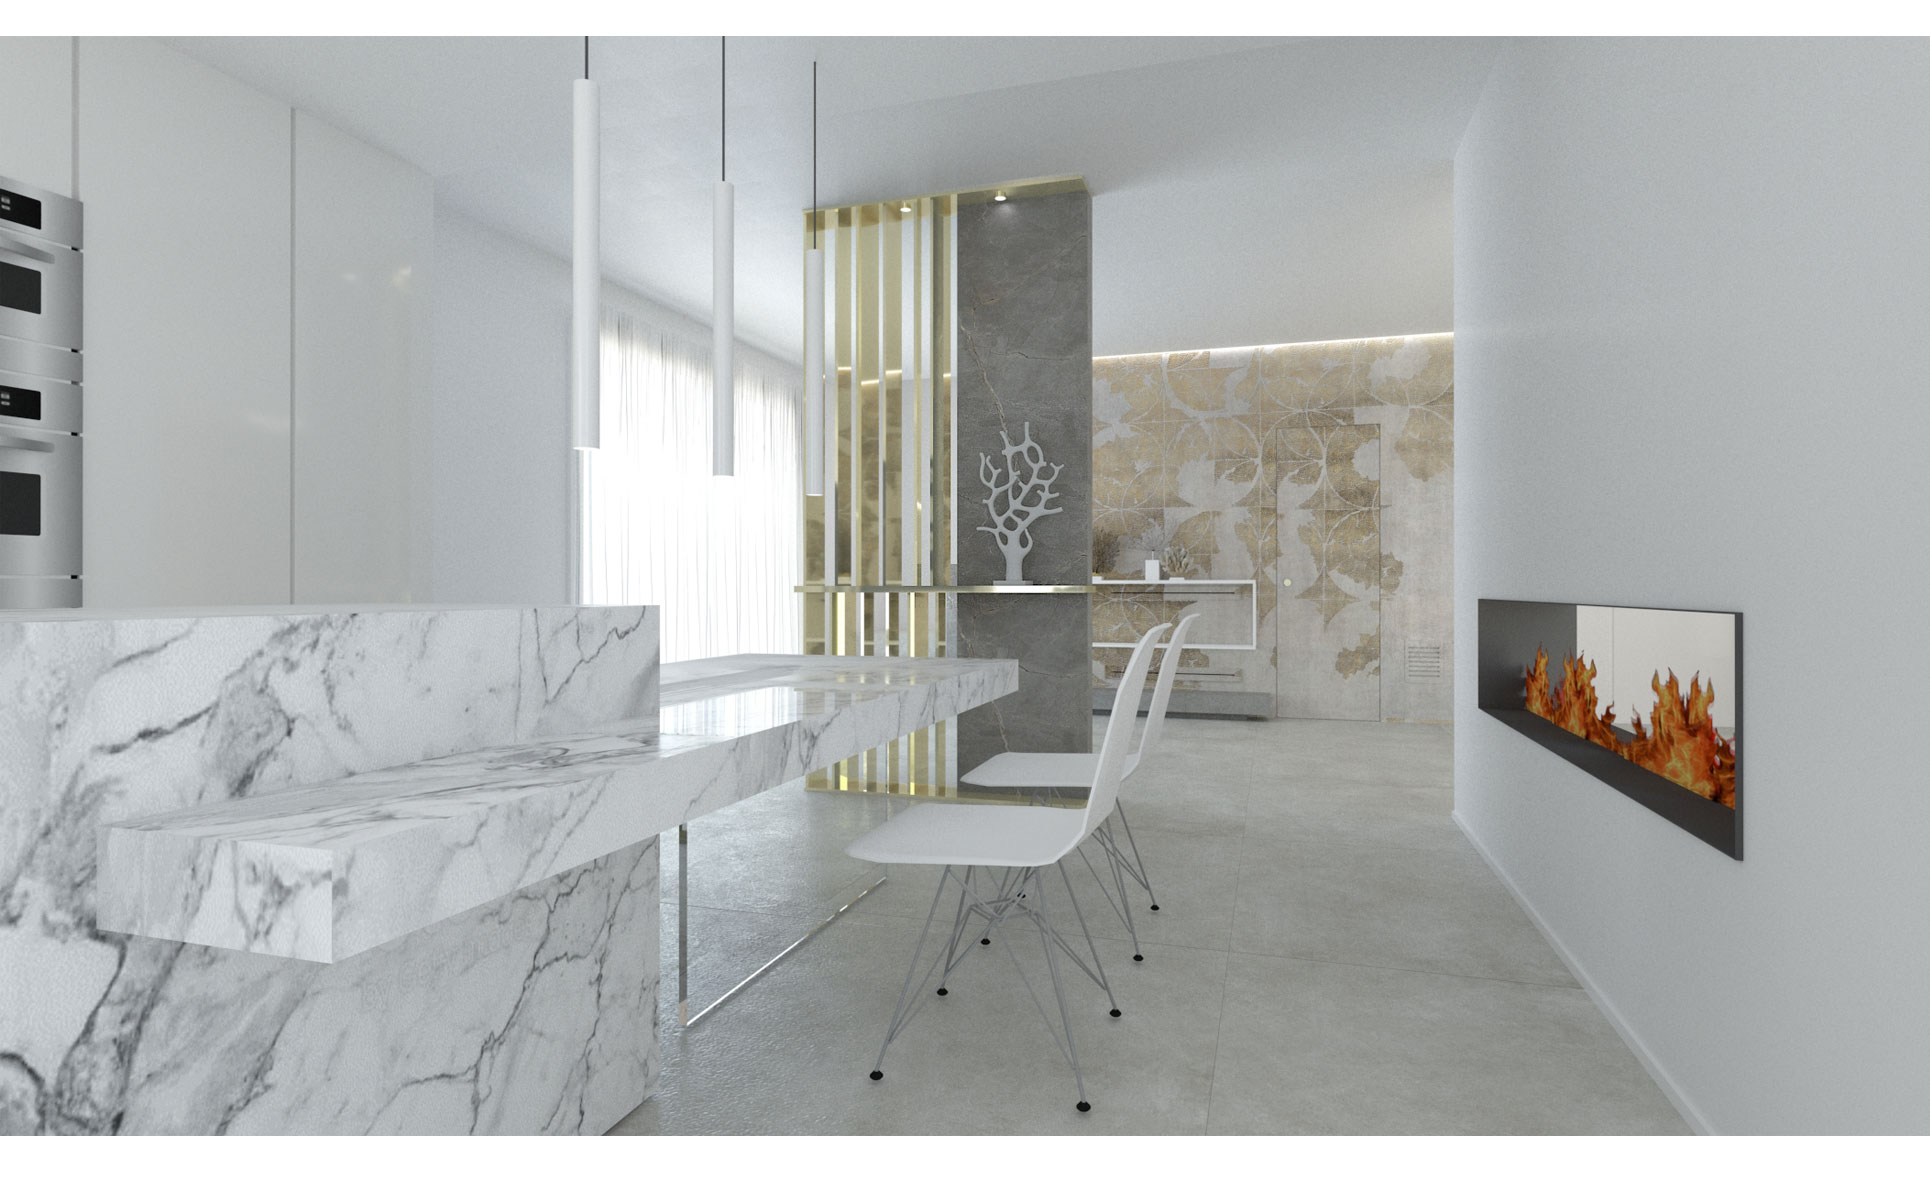 interni-interior-divisorio-arredamento